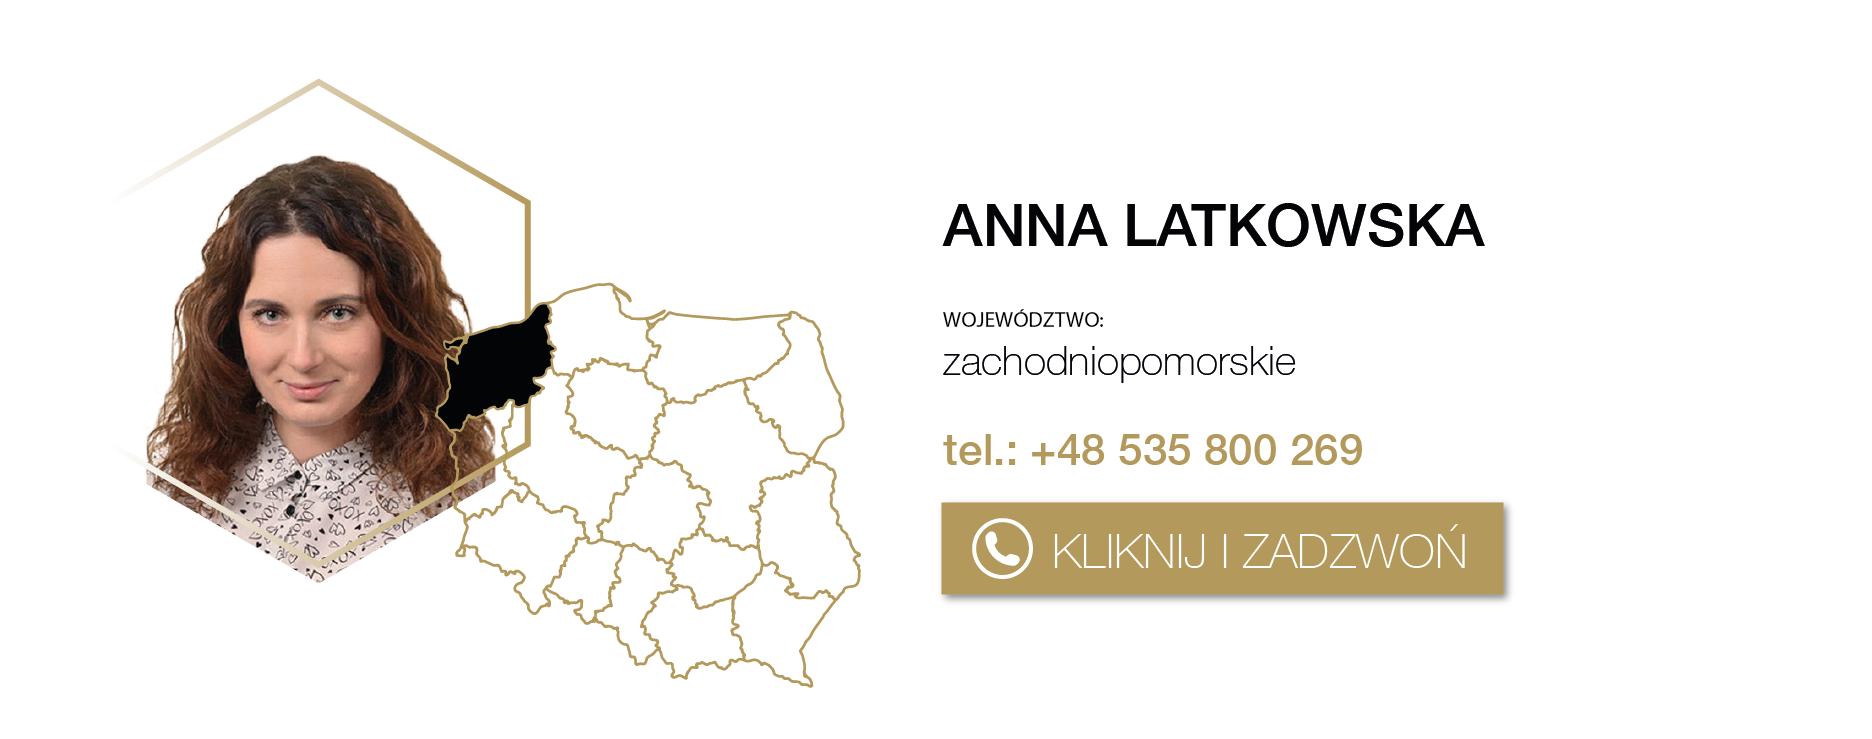 Anna Latkowska